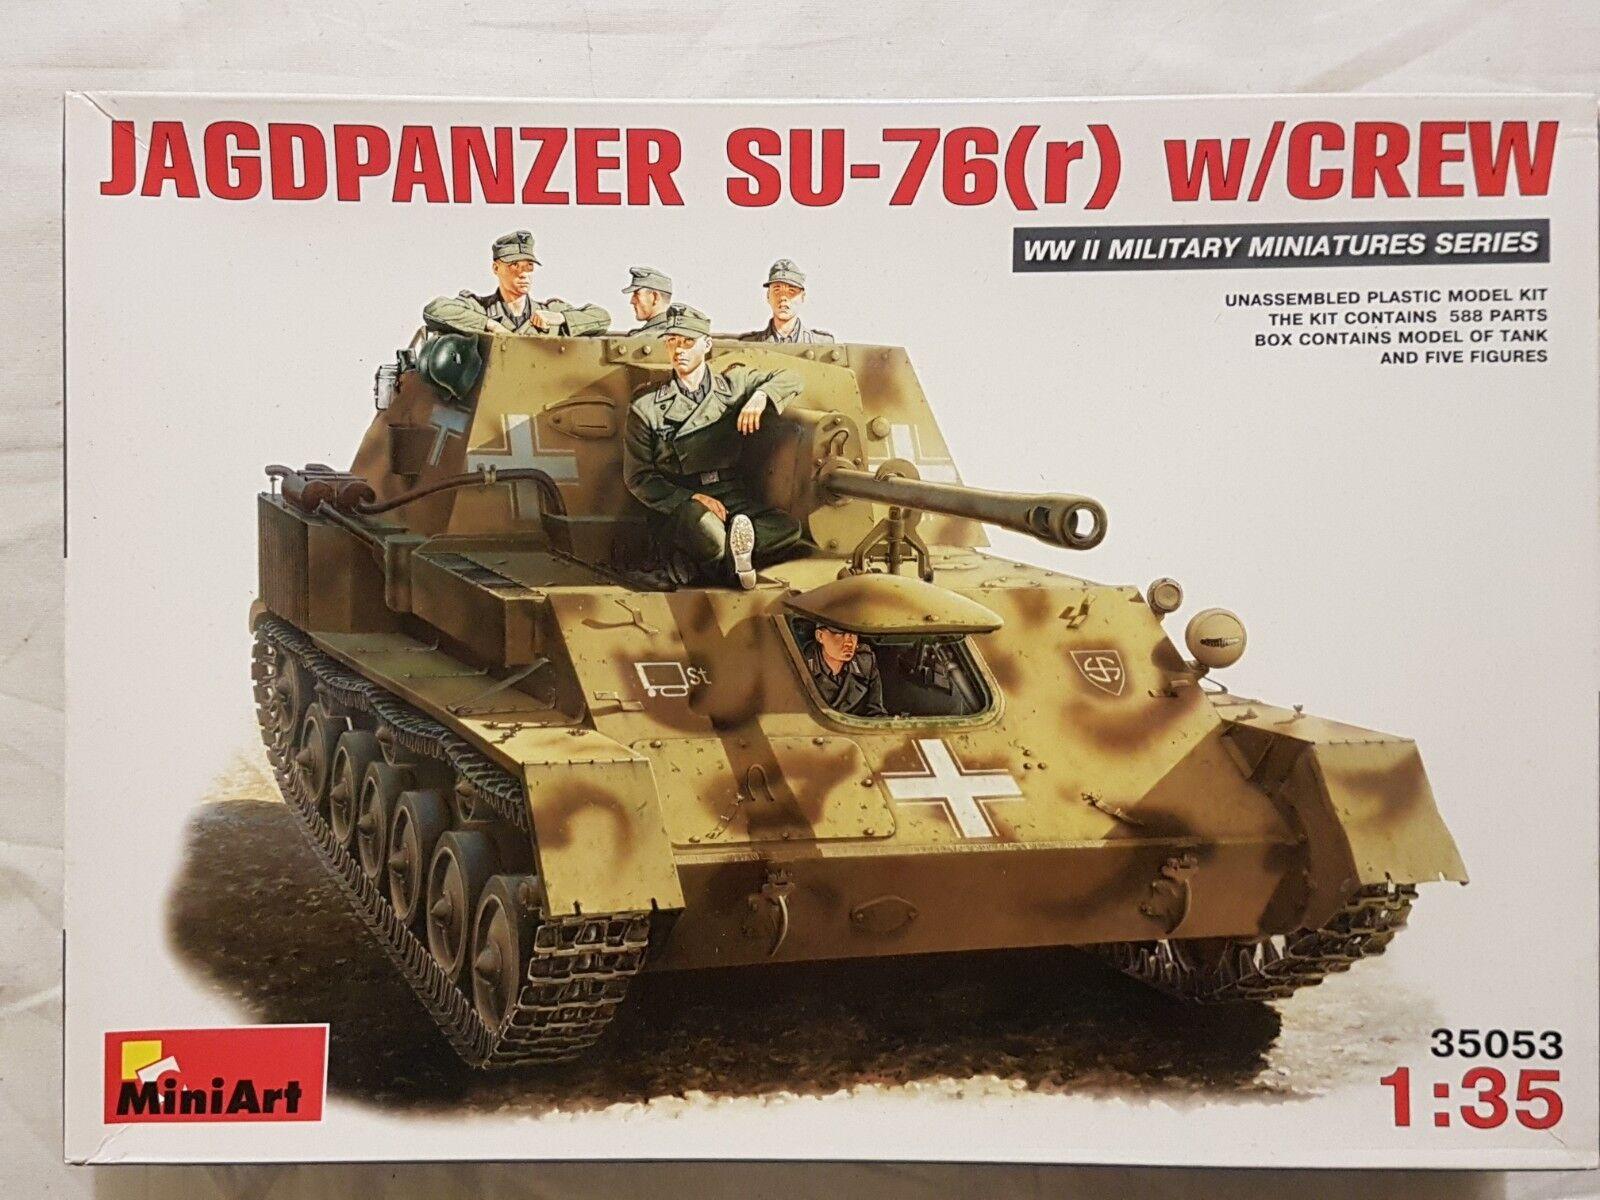 Miniart 35053 35053 35053 Jagdpanzer SU-76(r) w Crew 1 35 Neu und eingetütet  | Starke Hitze- und Abnutzungsbeständigkeit  cb6294